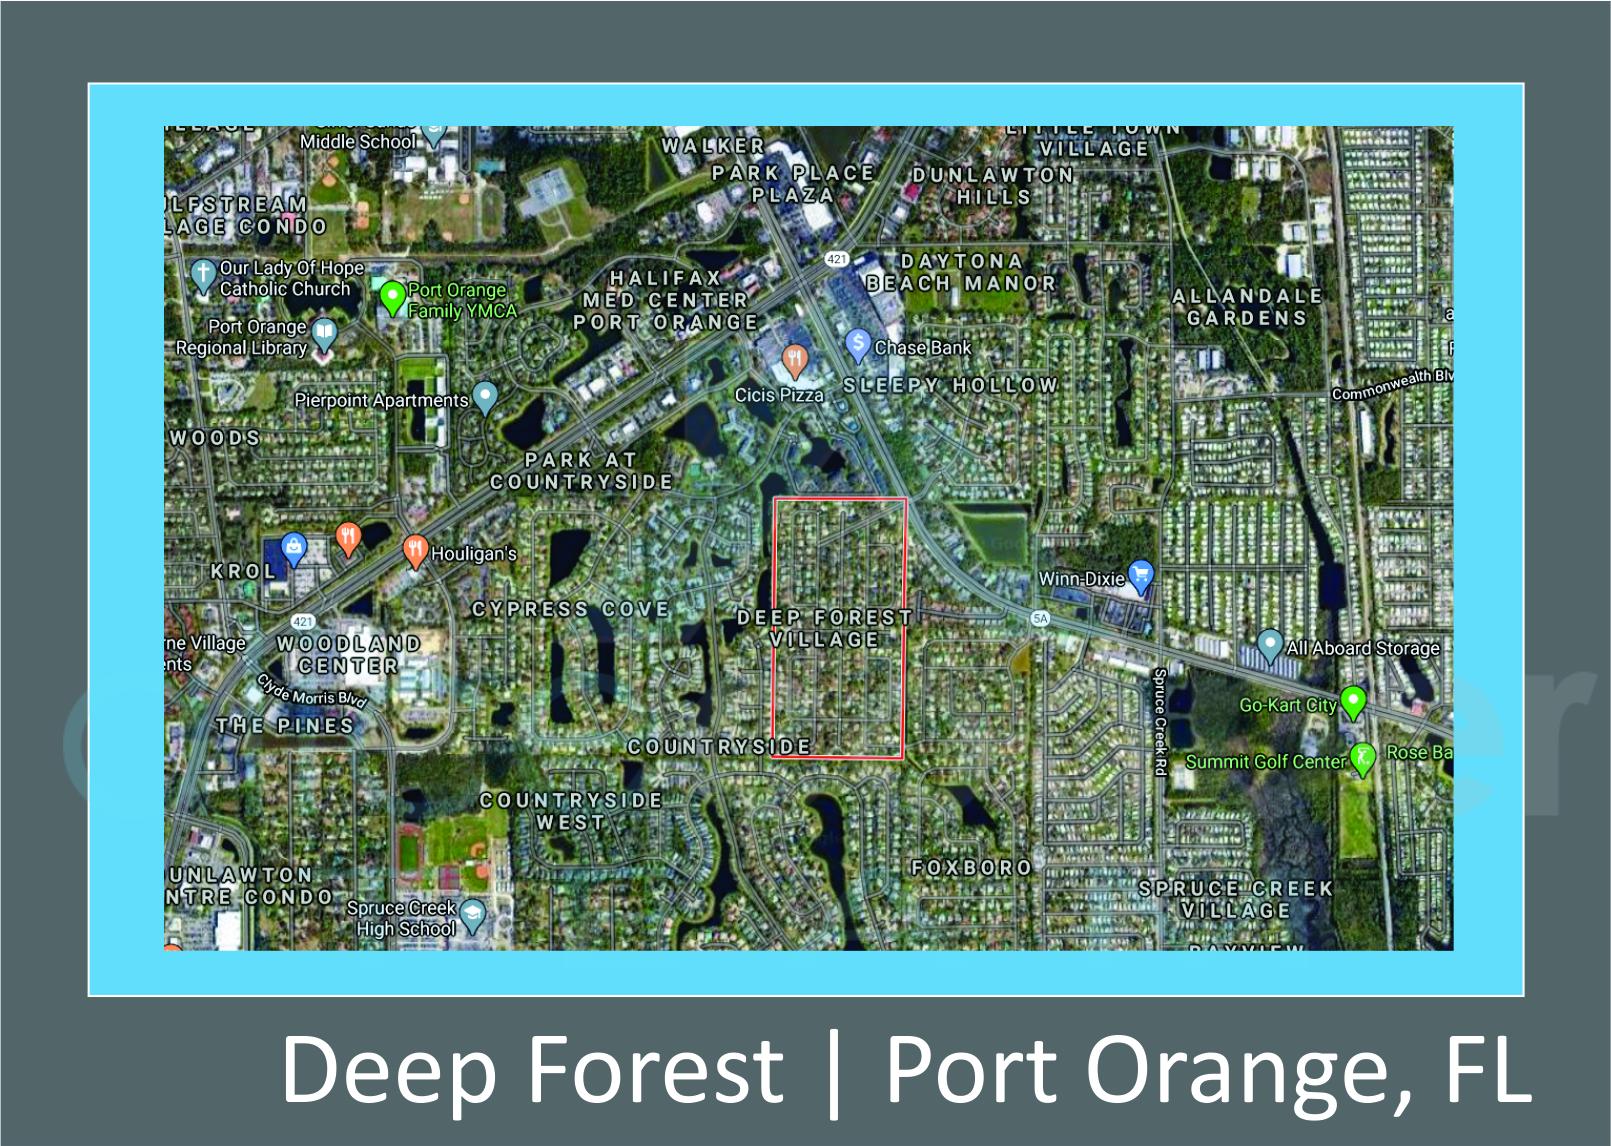 Map of Deep Forest Port Orange, FL